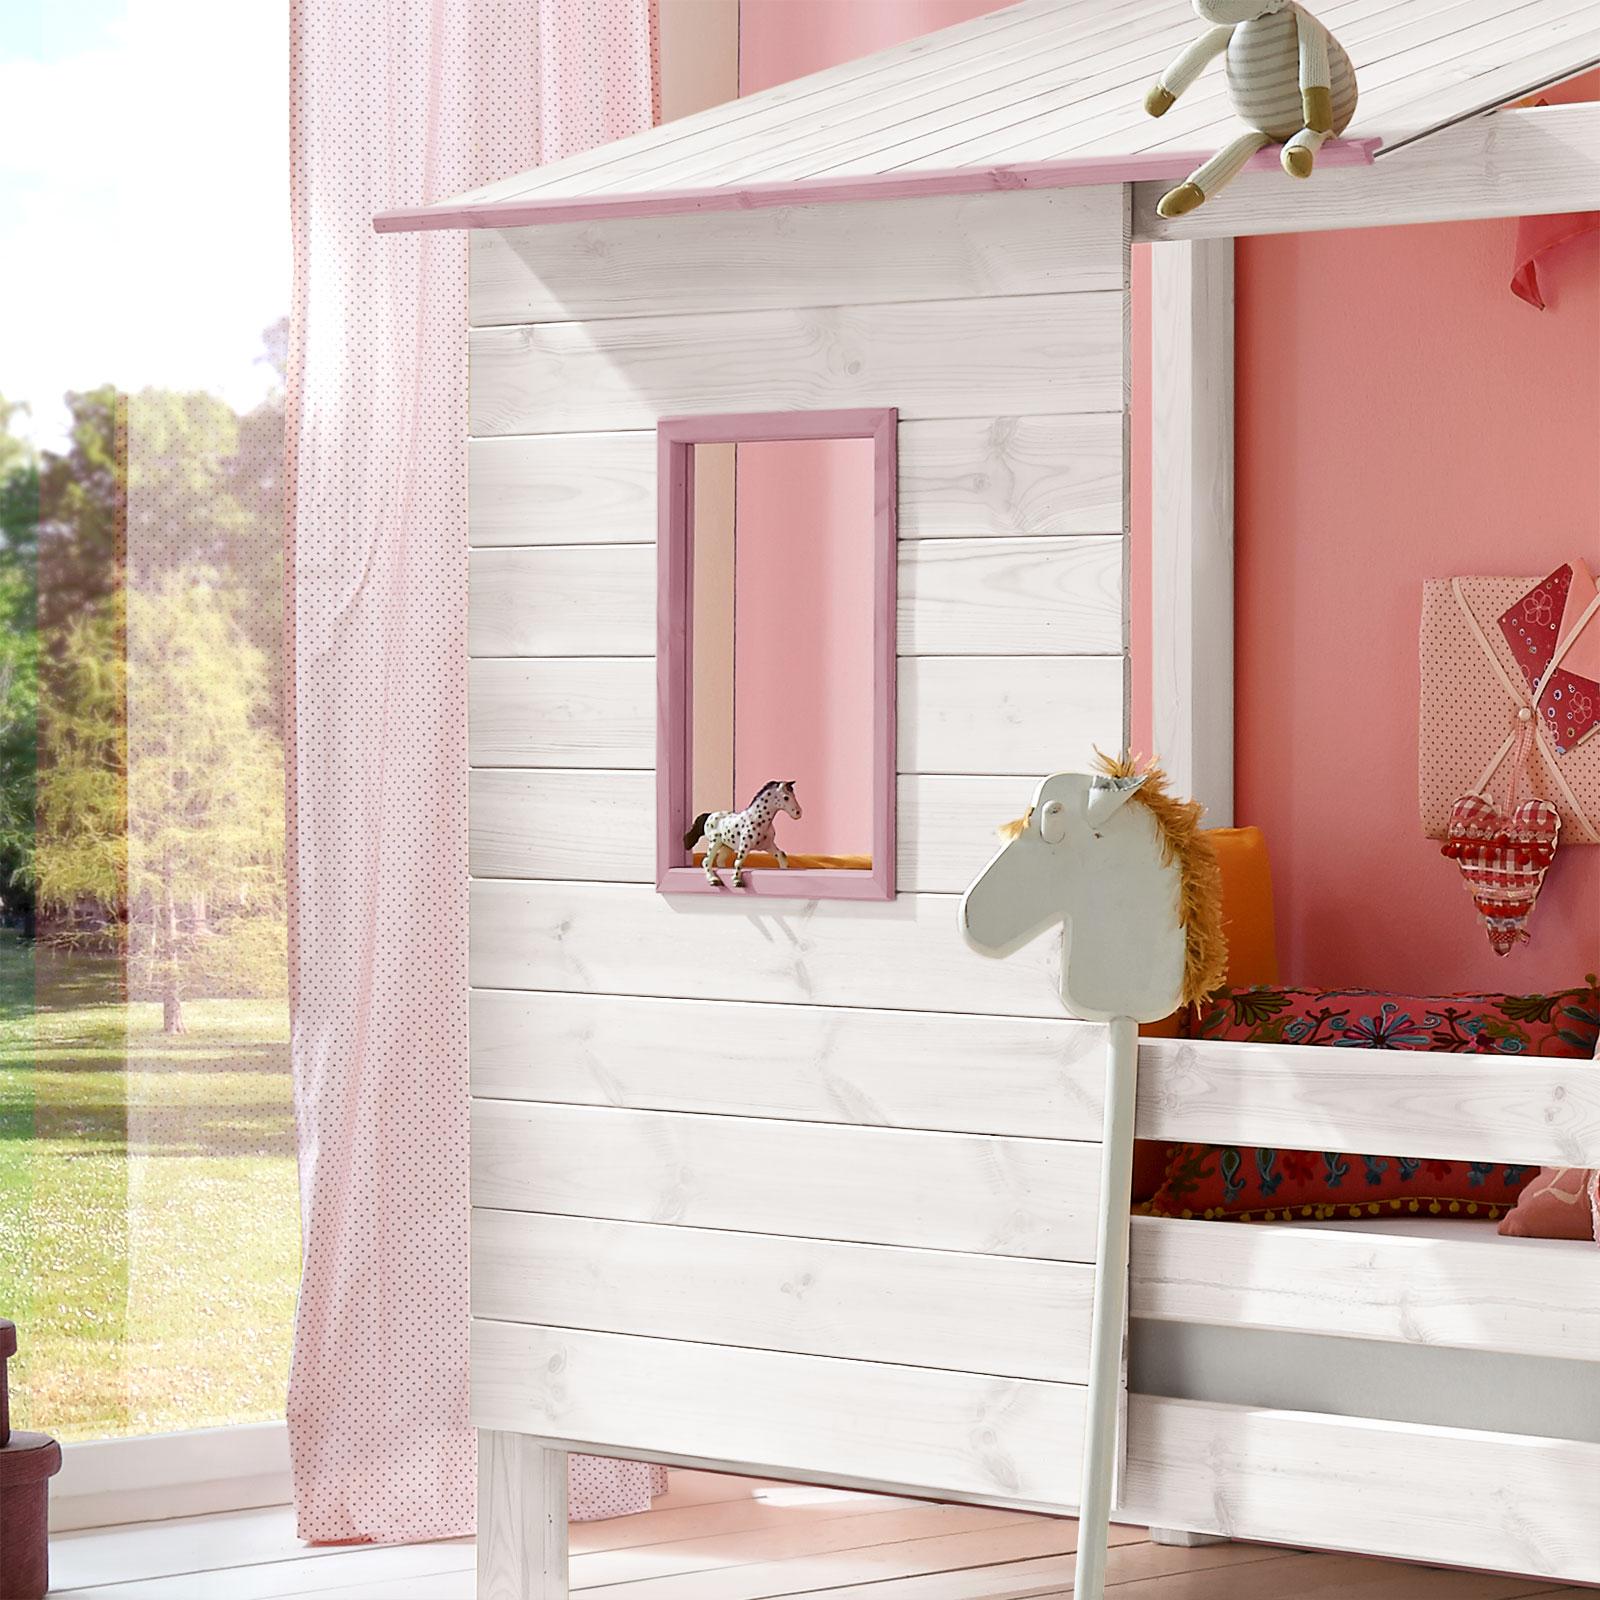 Atemberaubend Doppelbett Rahmen Für Mädchen Bilder - Rahmen Ideen ...